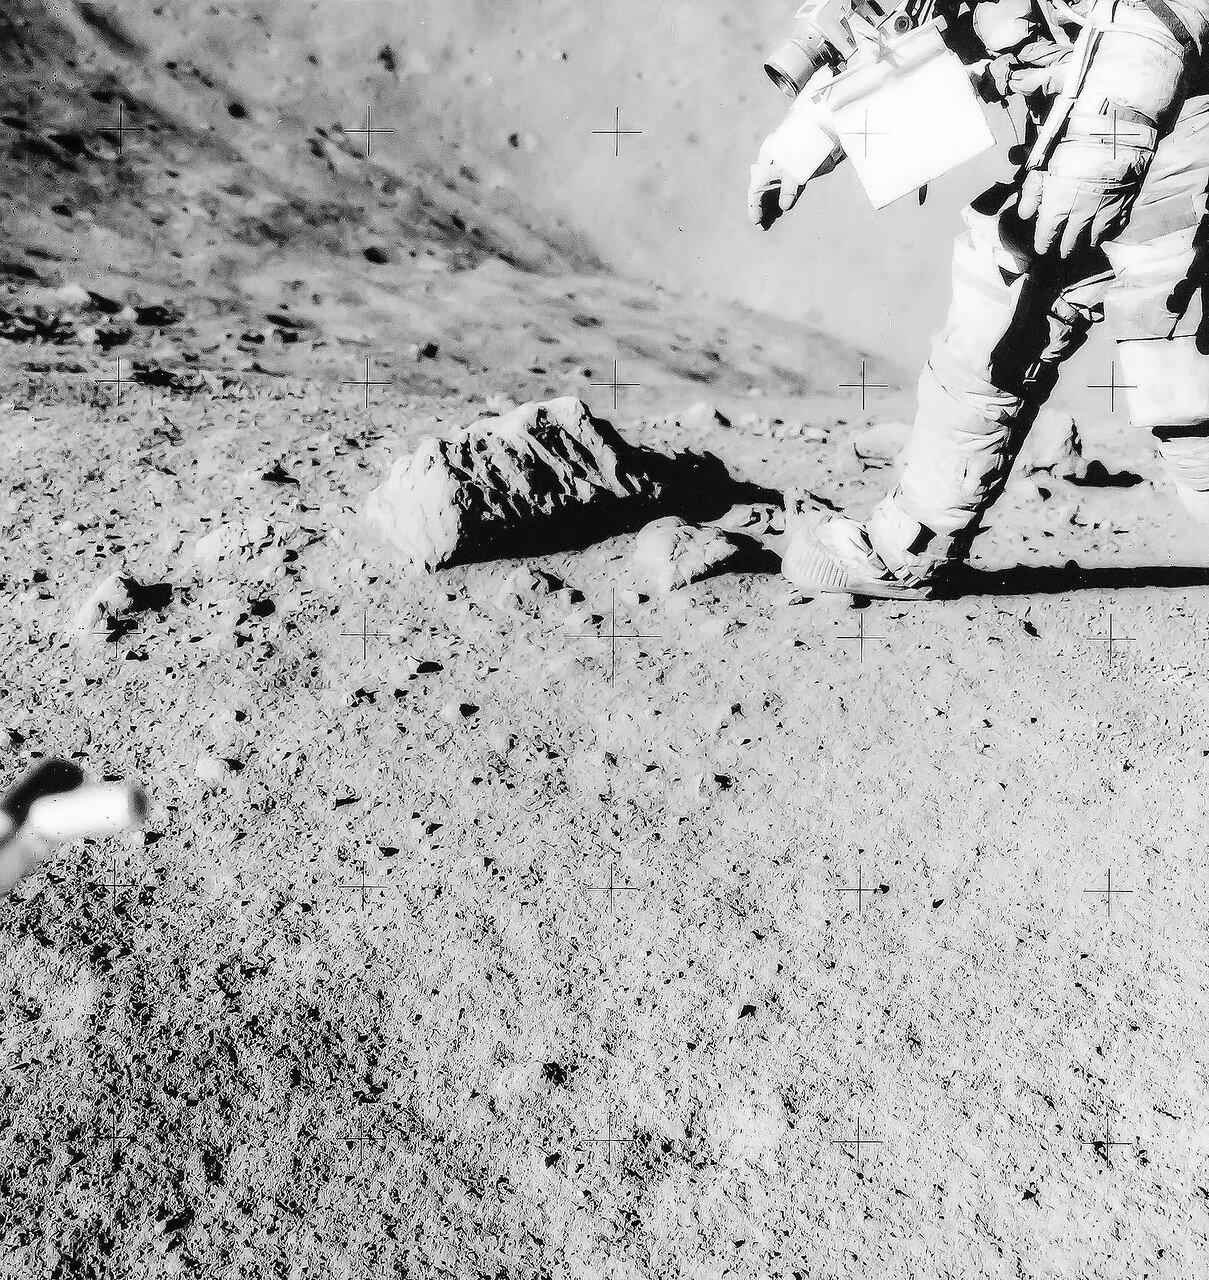 У кратера Локоть работа продолжалась 10 минут. Возвращаясь к «Лунному Роверу», Скотт сказал Ирвину: «Жаль, что мы не можем просто сесть и поиграть в эти камешки. Посмотри на них! Они блестящие и искрящиеся!» Ирвин ответил: «Пойдём, Дэйв. Их ещё будет много»